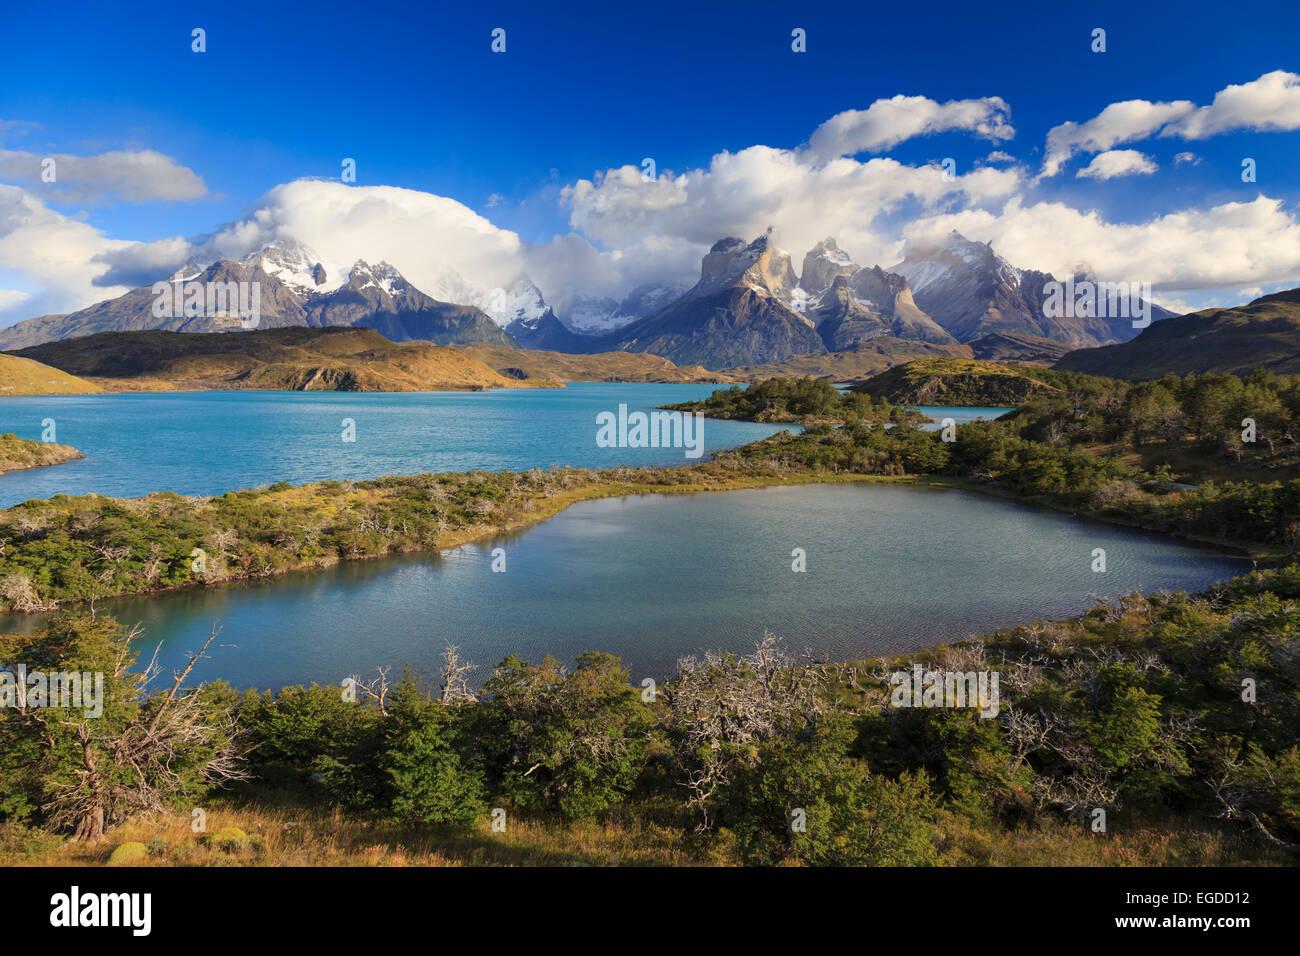 Il Cile, Patagonia, parco nazionale Torres del Paine (Sito UNESCO), Cuernos del Paine picchi e lago Pehoe Immagini Stock